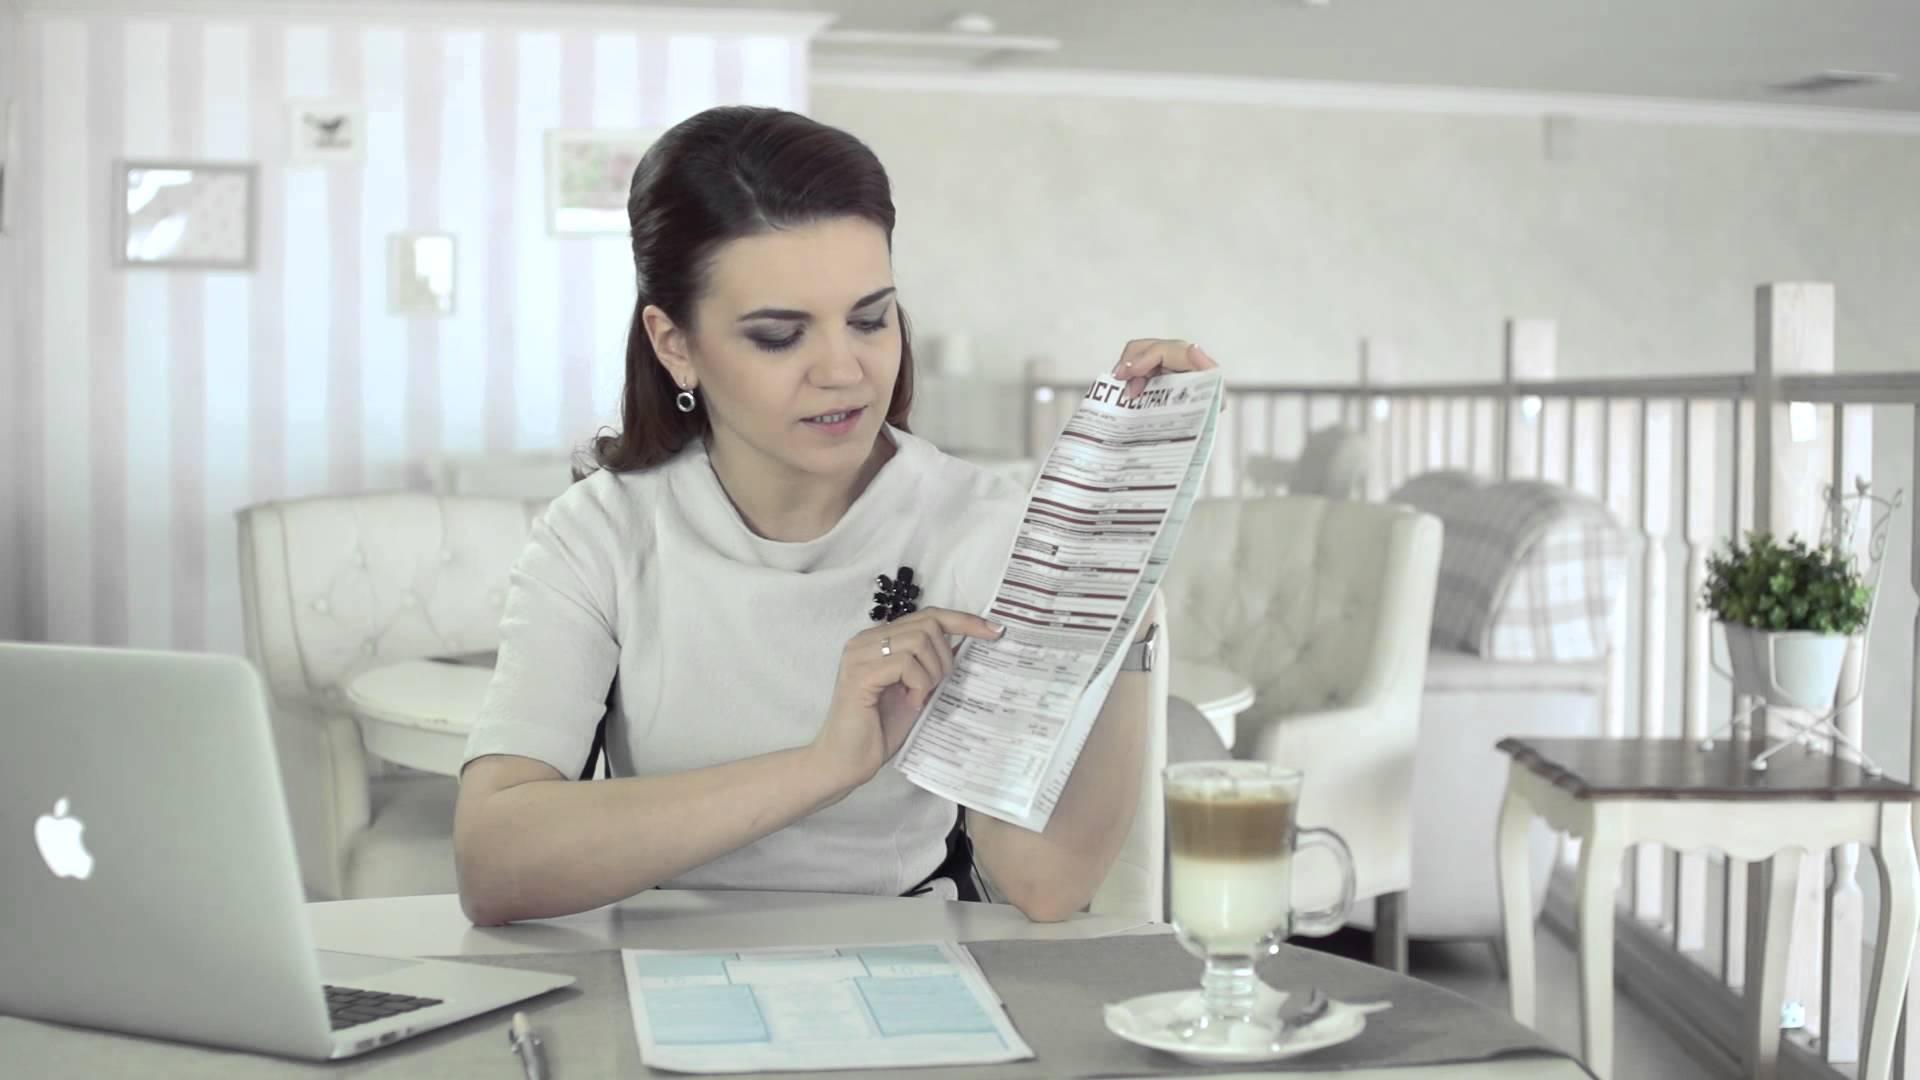 образец письма заказчику об изменении реквизитов